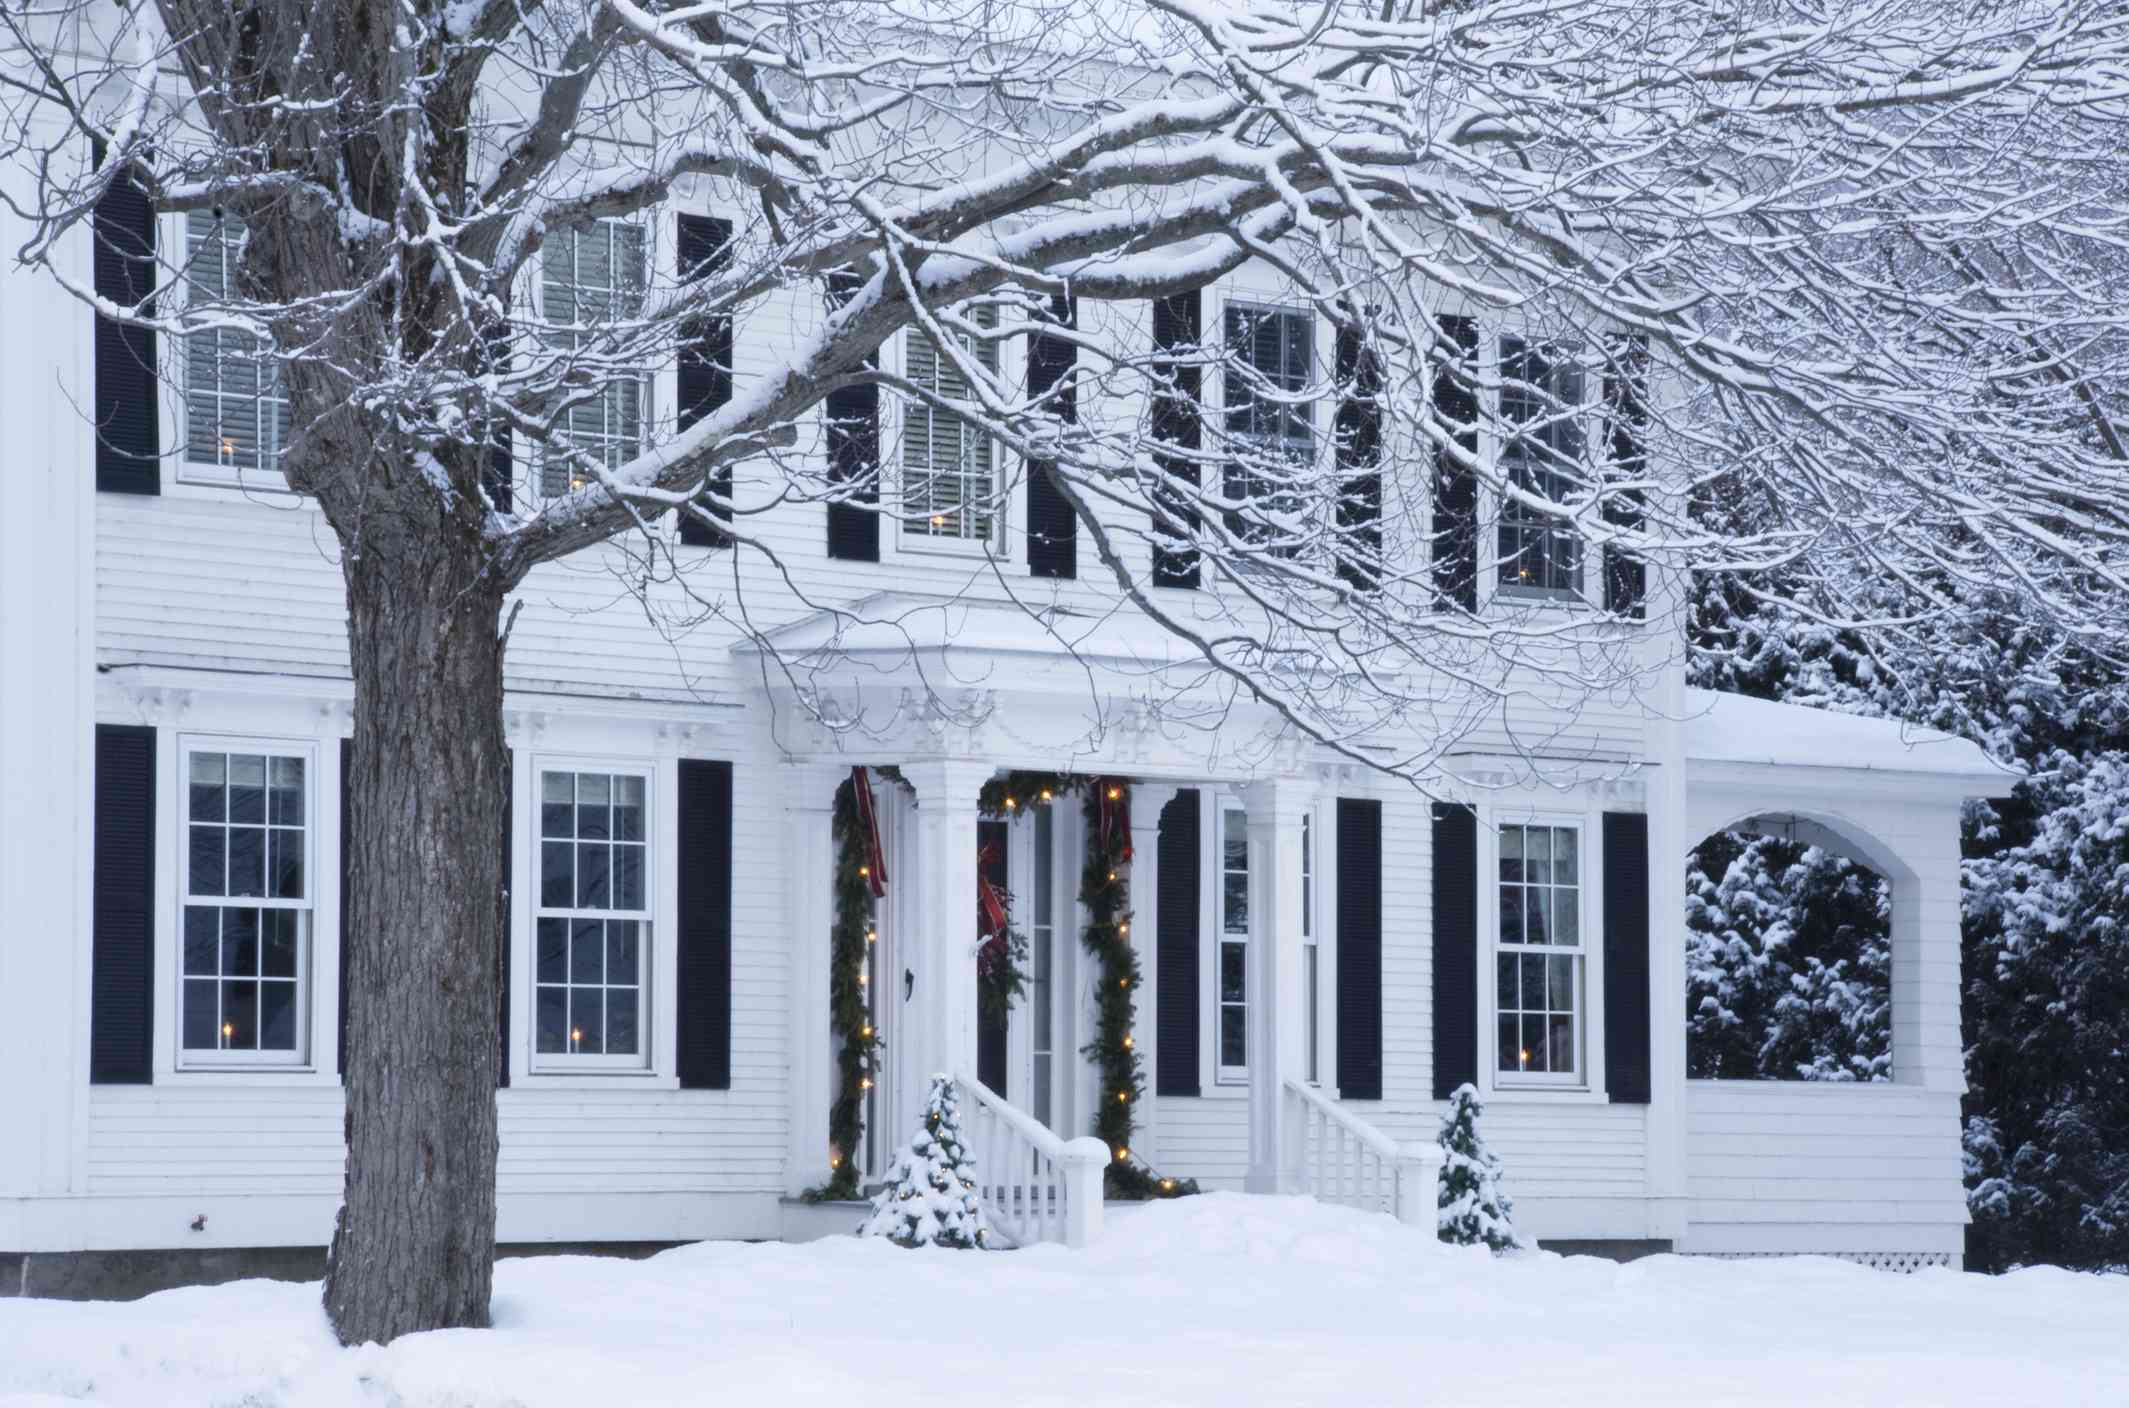 Winter Home in Woodstock, Vermont